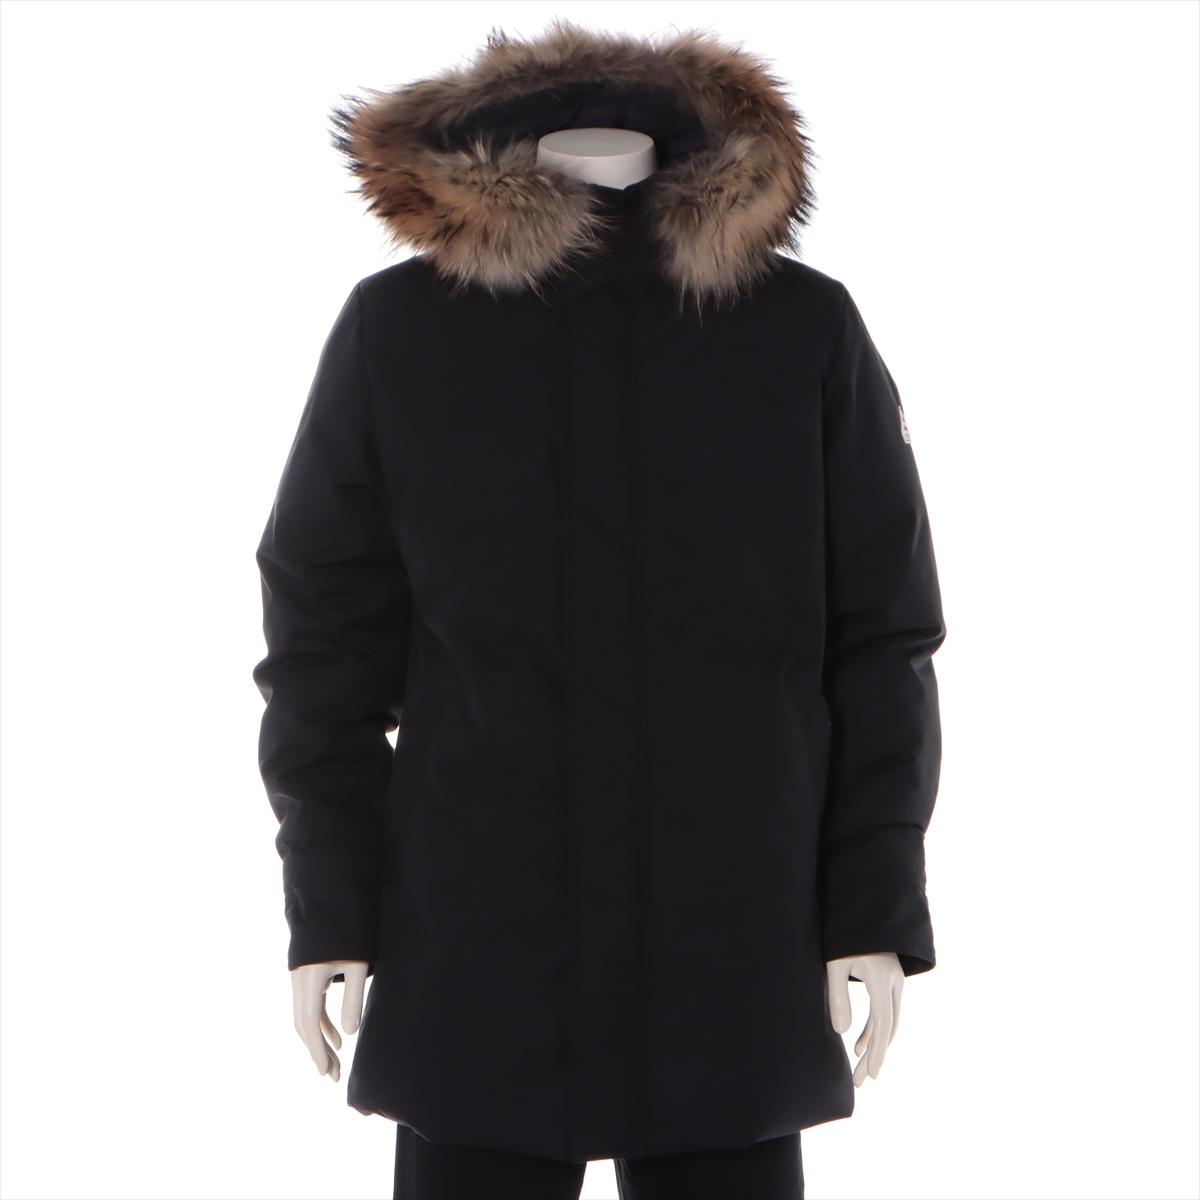 中古 ピレネックス ポリエステル ダウンジャケット L セール価格 FUR セール特価品 メンズ ブラック ANNECY